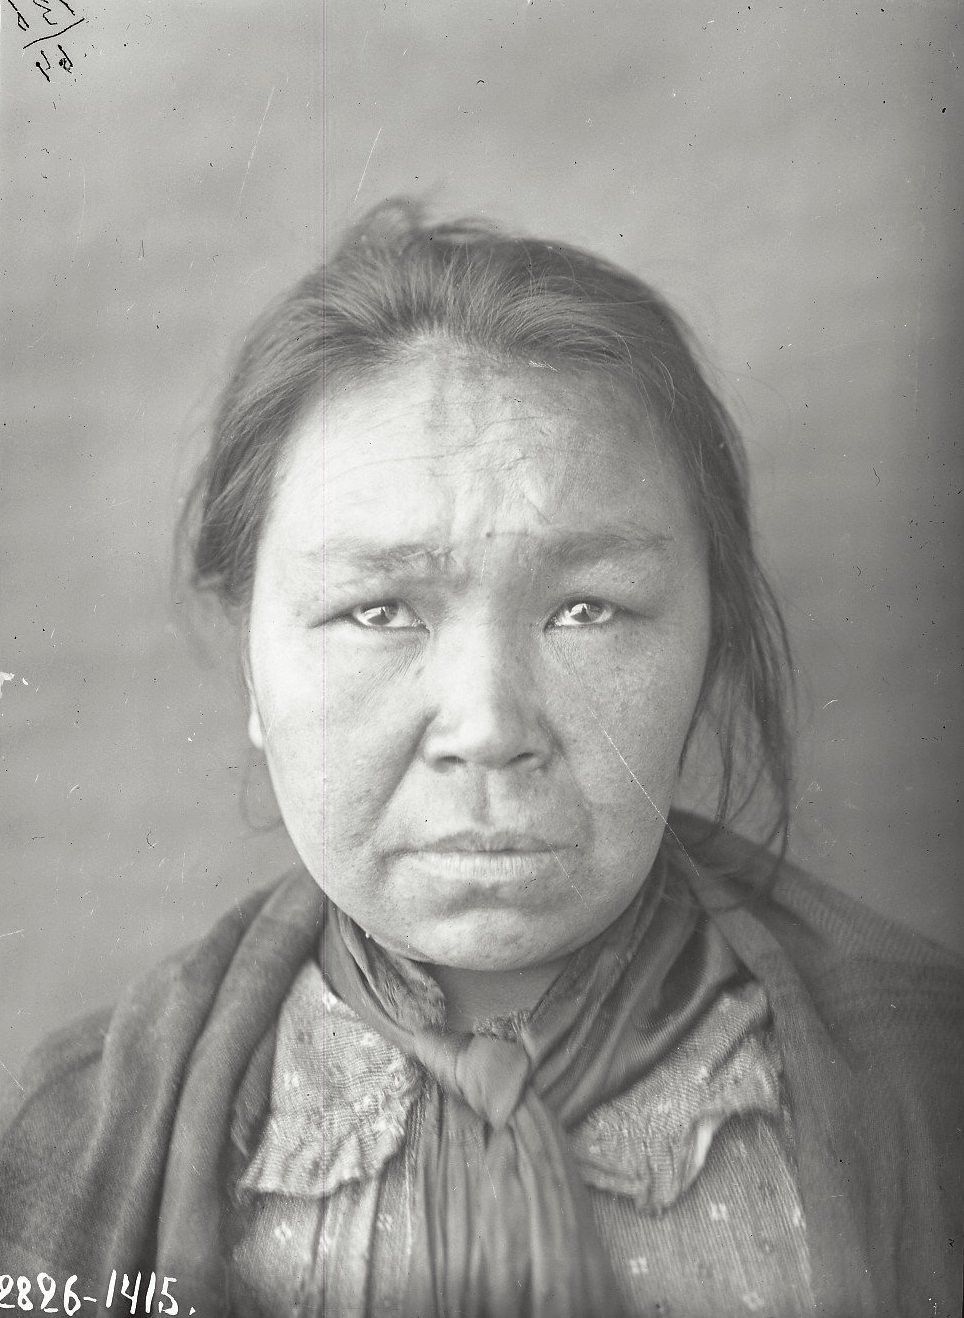 1909. Клеопатра Шемагинская (фас). Уналашка остров, селение Уналашка